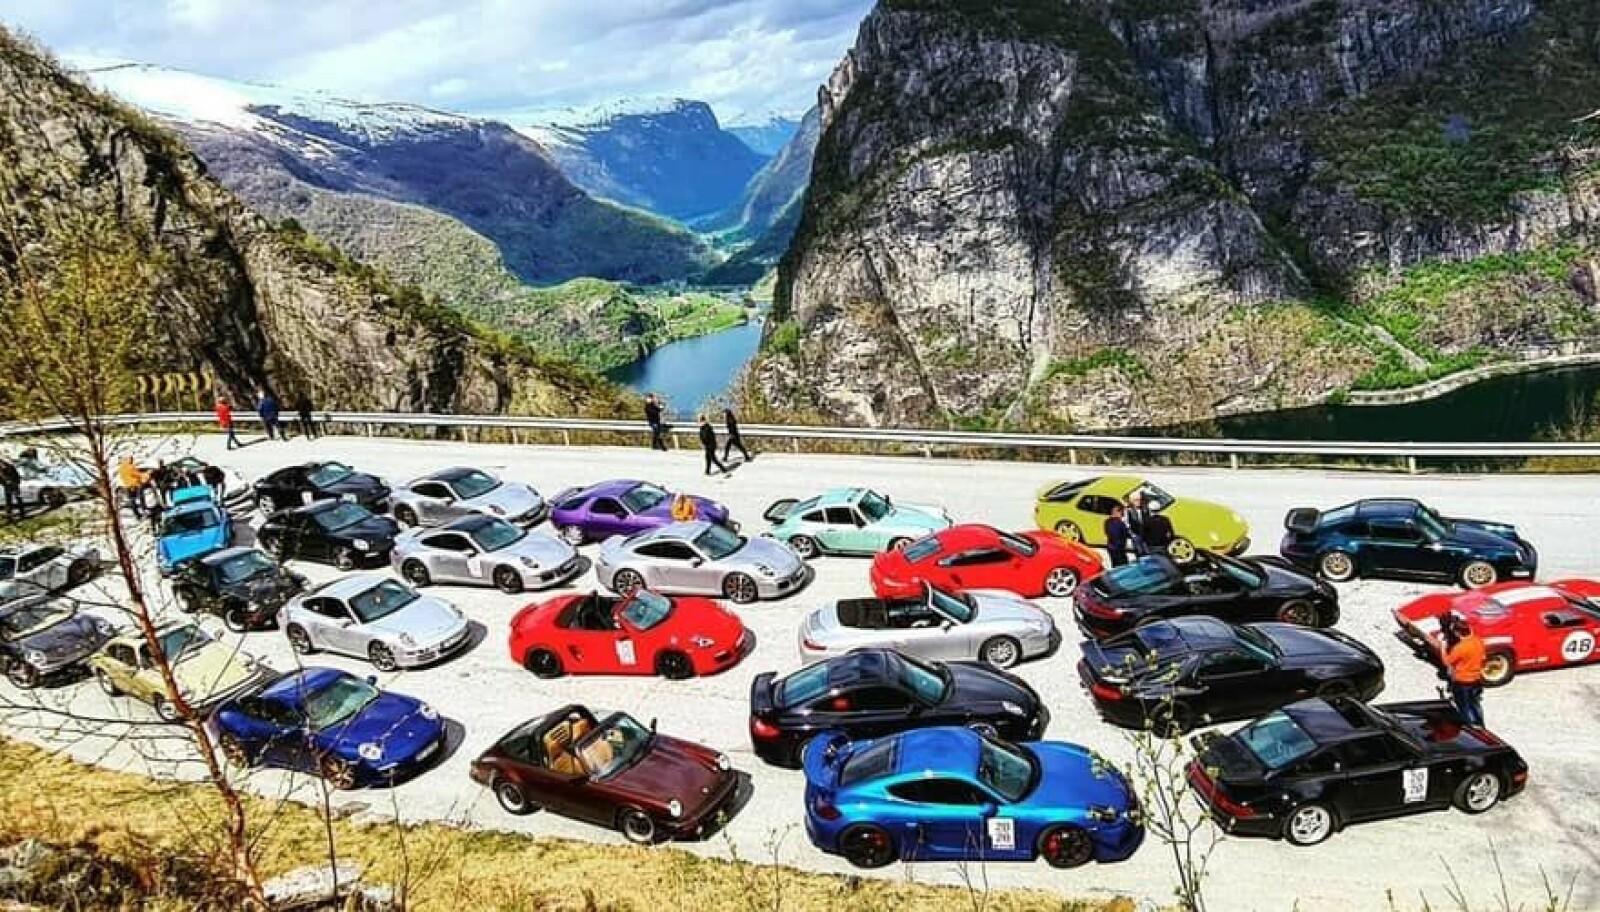 <b>TREFF I HØYDEN: </b>Kari Huebner fra Oslo liker å kjøre på bane, og føler seg hjemme på svingete fjellveier, på tur med andre Porsche-entusiaster.